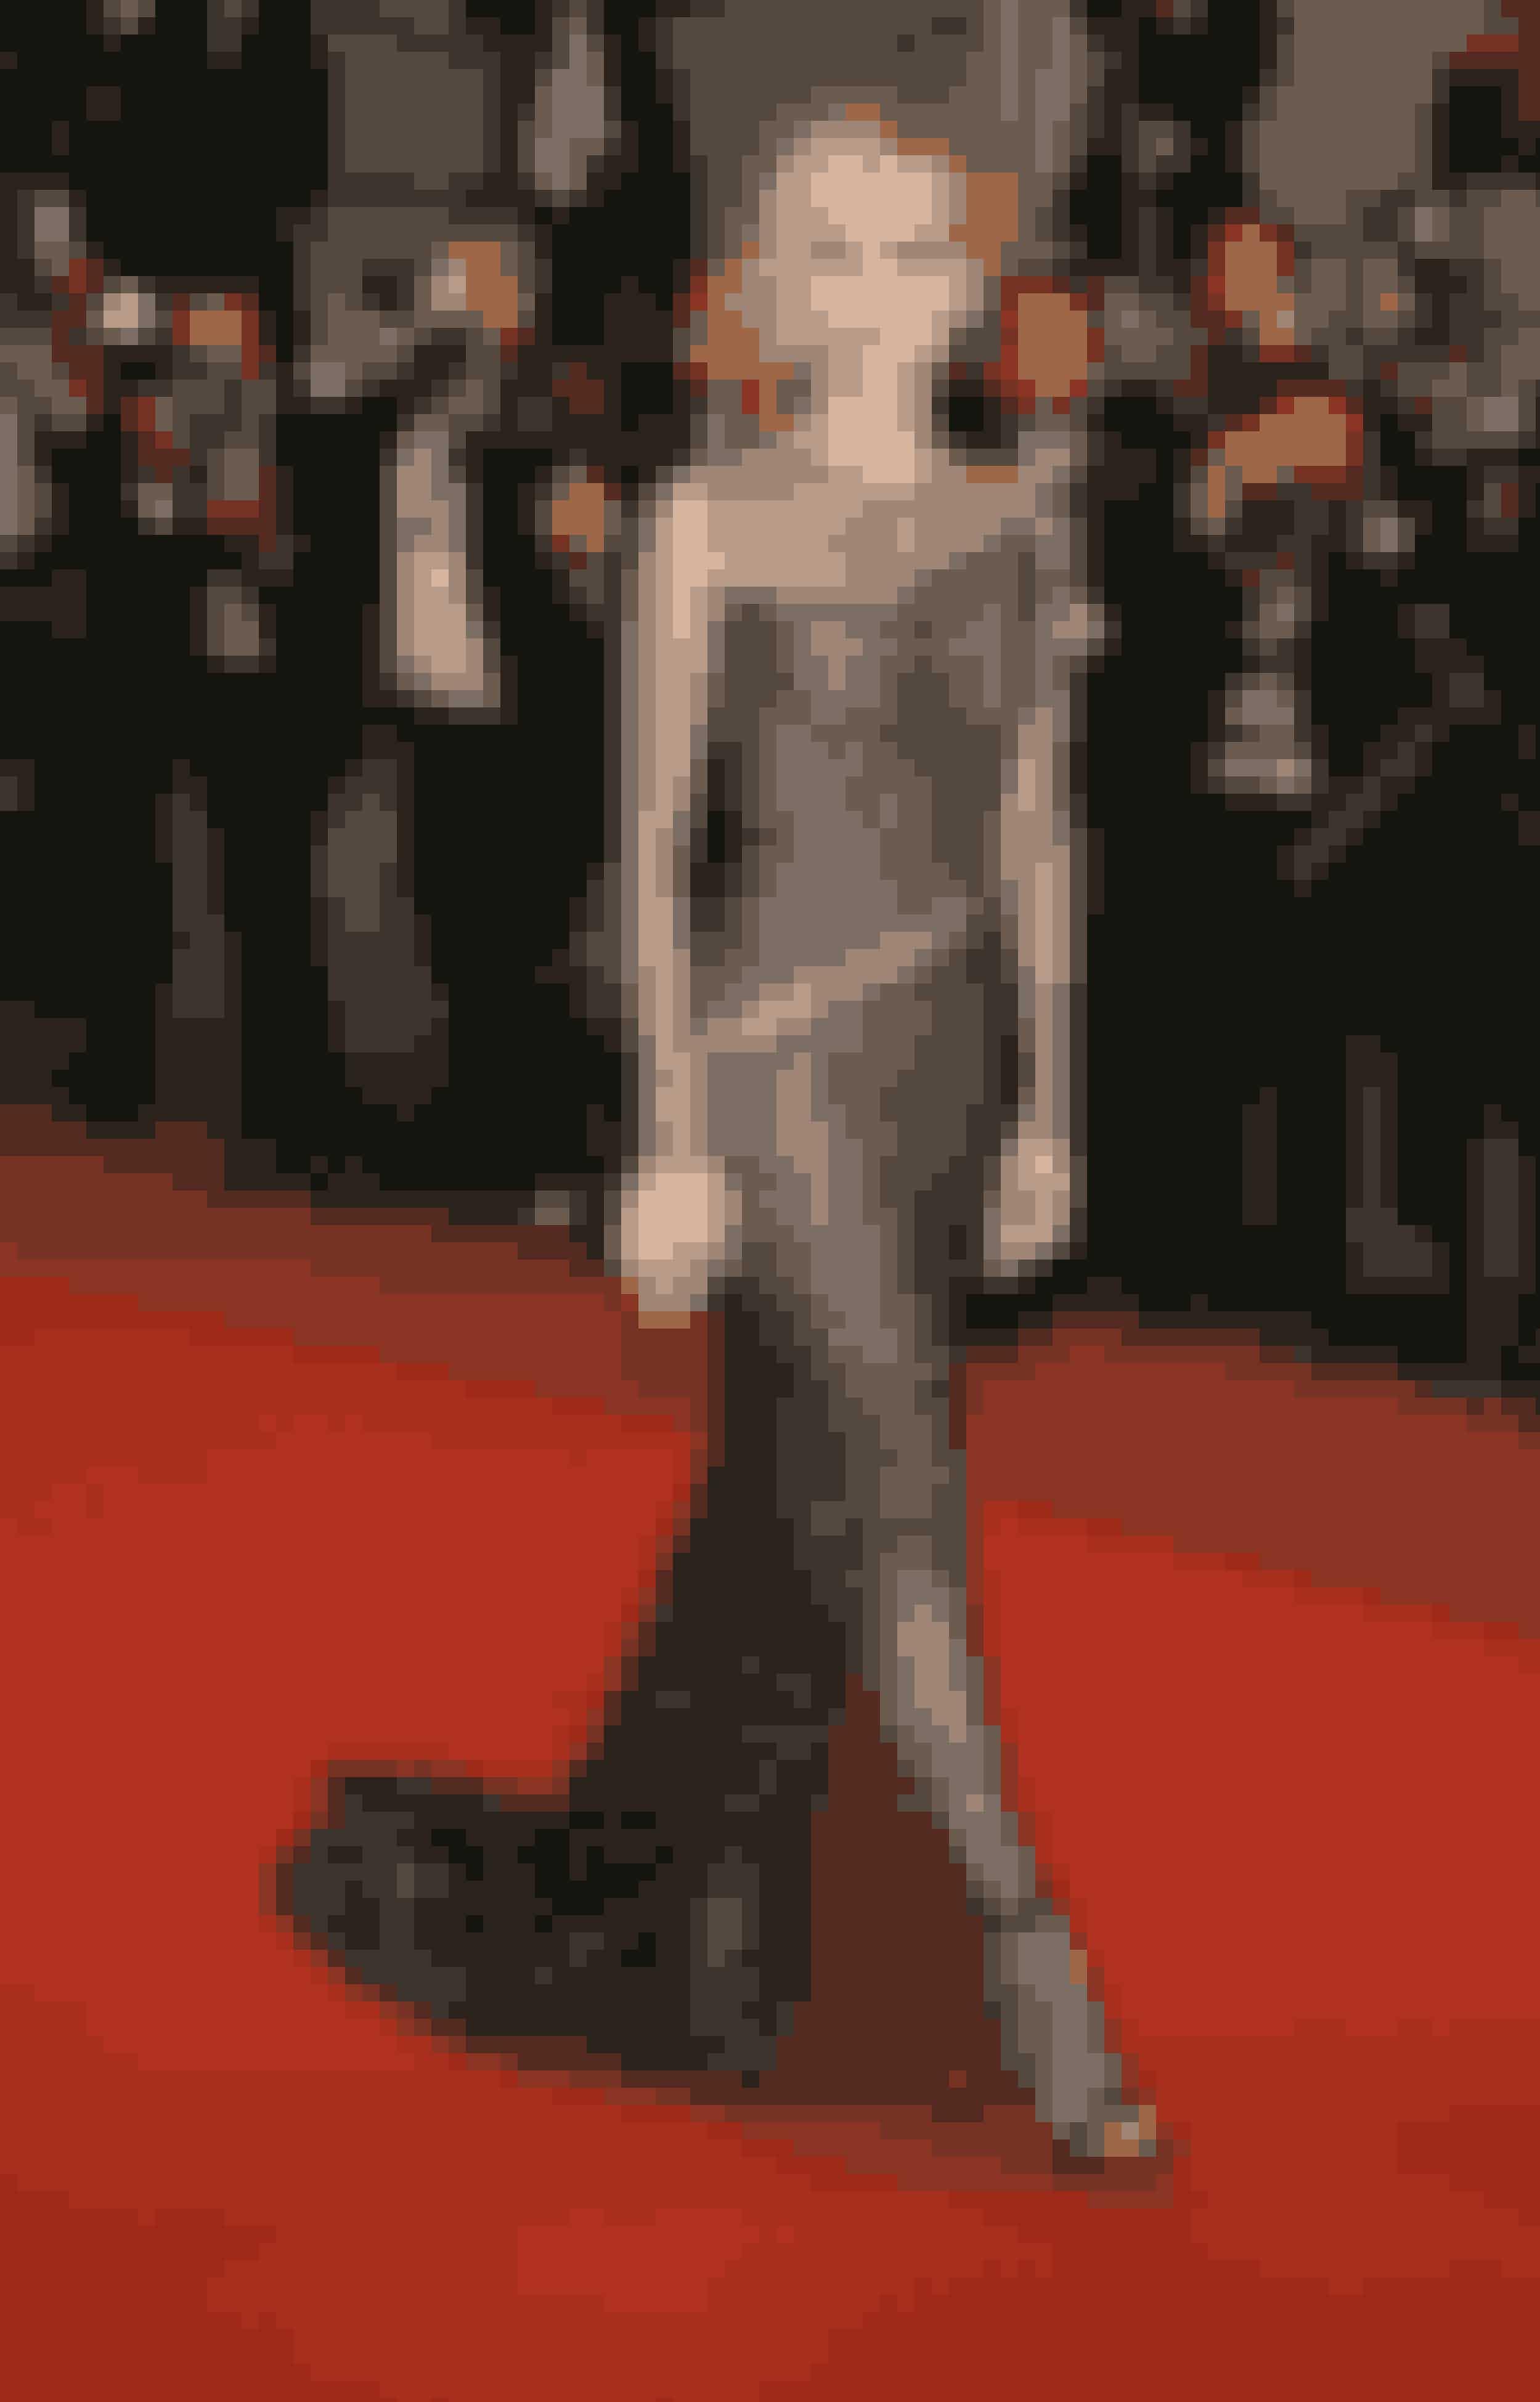 Filmfestival i Cannes, i Jason Wu, 2017